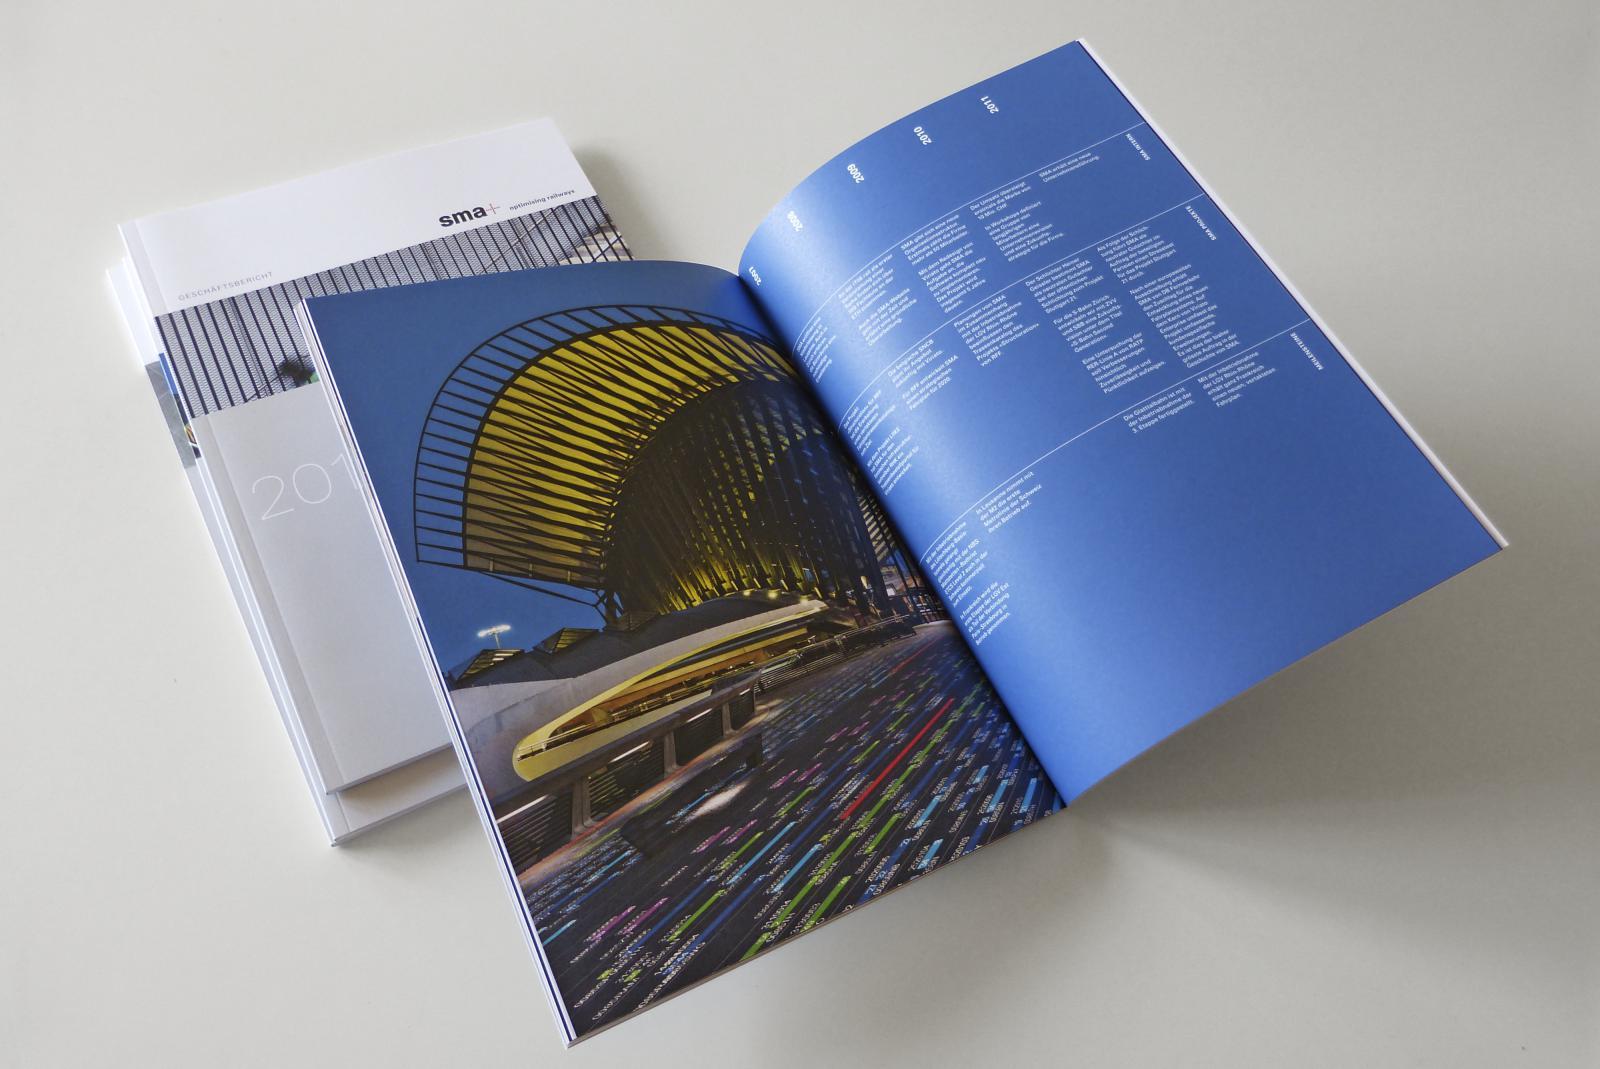 Bilddoppelseite mit Kompositionen Bild/Screenshot im Jubiläumsjahr